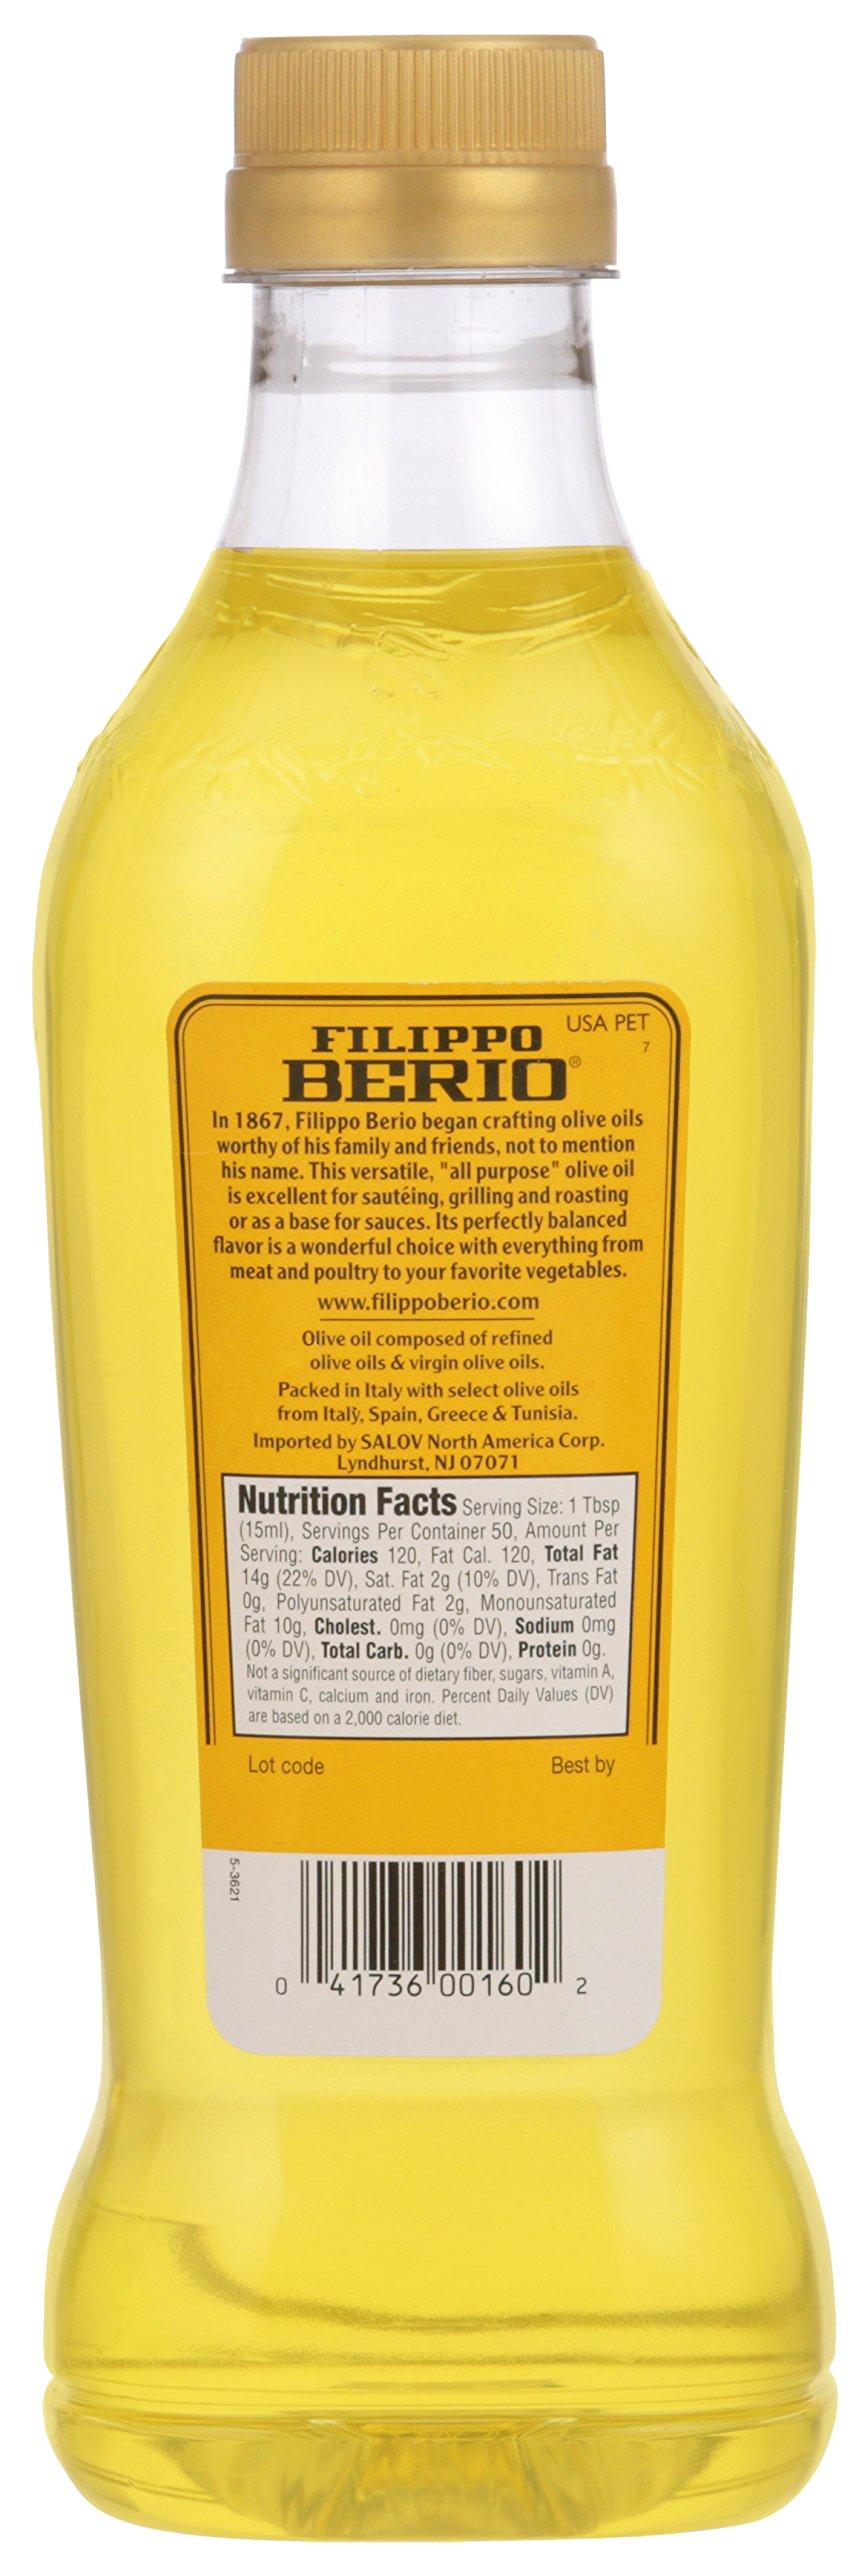 Filippo Berio Olive Oil, 25.3-Ounce by Filippo Berio (Image #5)